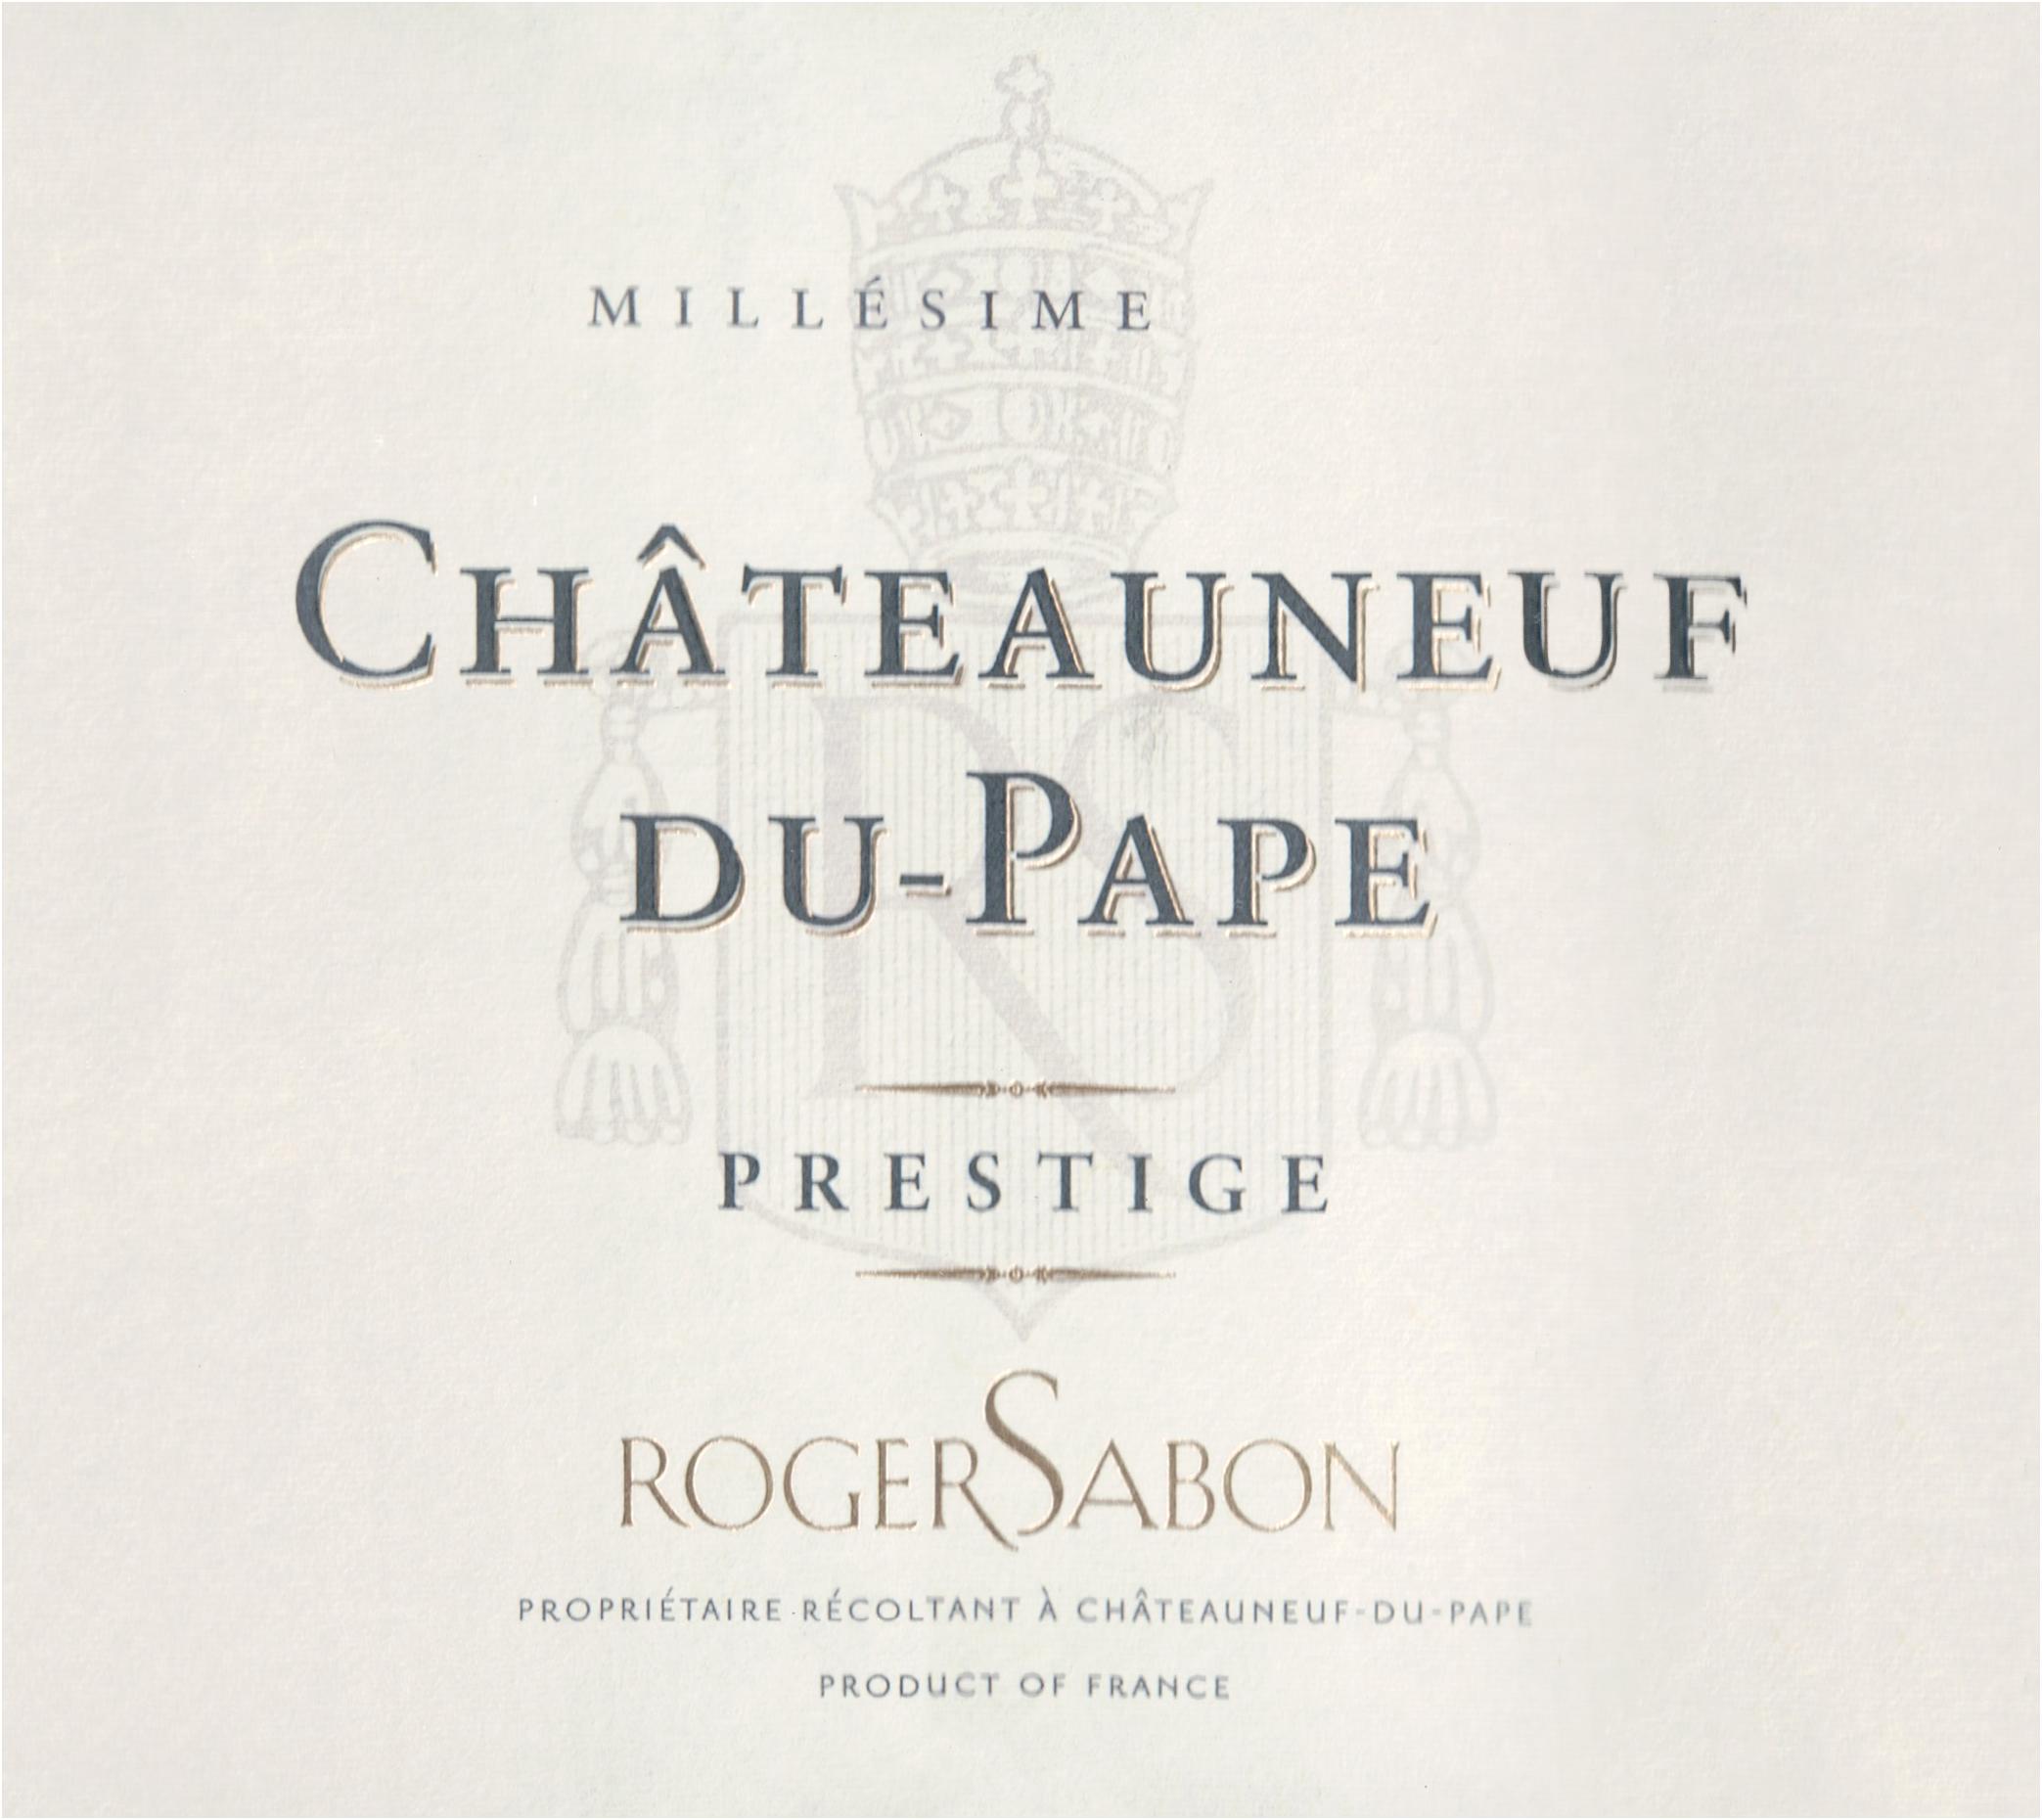 Sabon Chateauneuf Du Pape Cuvee Prestige 2017